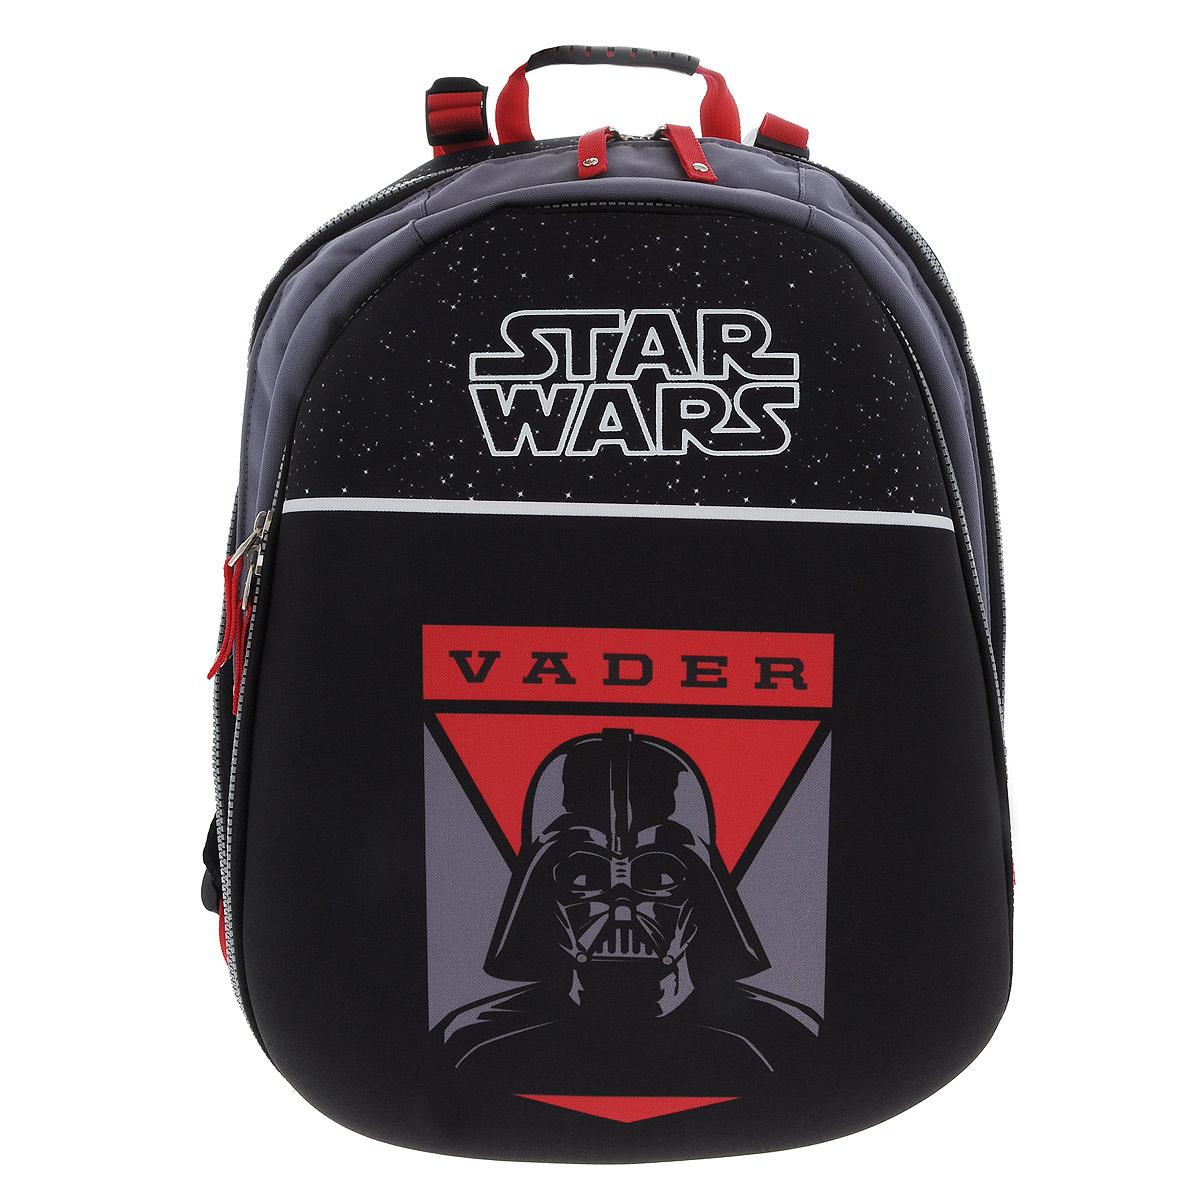 Рюкзак Star Wars Vader, цвет: черный, красный. 3747472523WDРюкзак Star Wars Vader будет отличным подарком поклонникам вселенной Star Wars! Рюкзак выполнен из полиэстера черного и красного цветов и оформлен оригинальным рисунком с изображением Темного Лорда Дарта Вейдера. Рюкзак оснащен одним основным отделением, закрывающимся на застежку-молнию. На внешней стороне расположен вместительный накладной карман на застежке-молнии, содержащий шесть накладных кармашков, а также два кармашка для ручек и карандашей. Рюкзак оснащен мягкими плечевыми лямками, мягкой спинкой с сетчатой поверхностью и текстильной ручкой для удобной переноски.